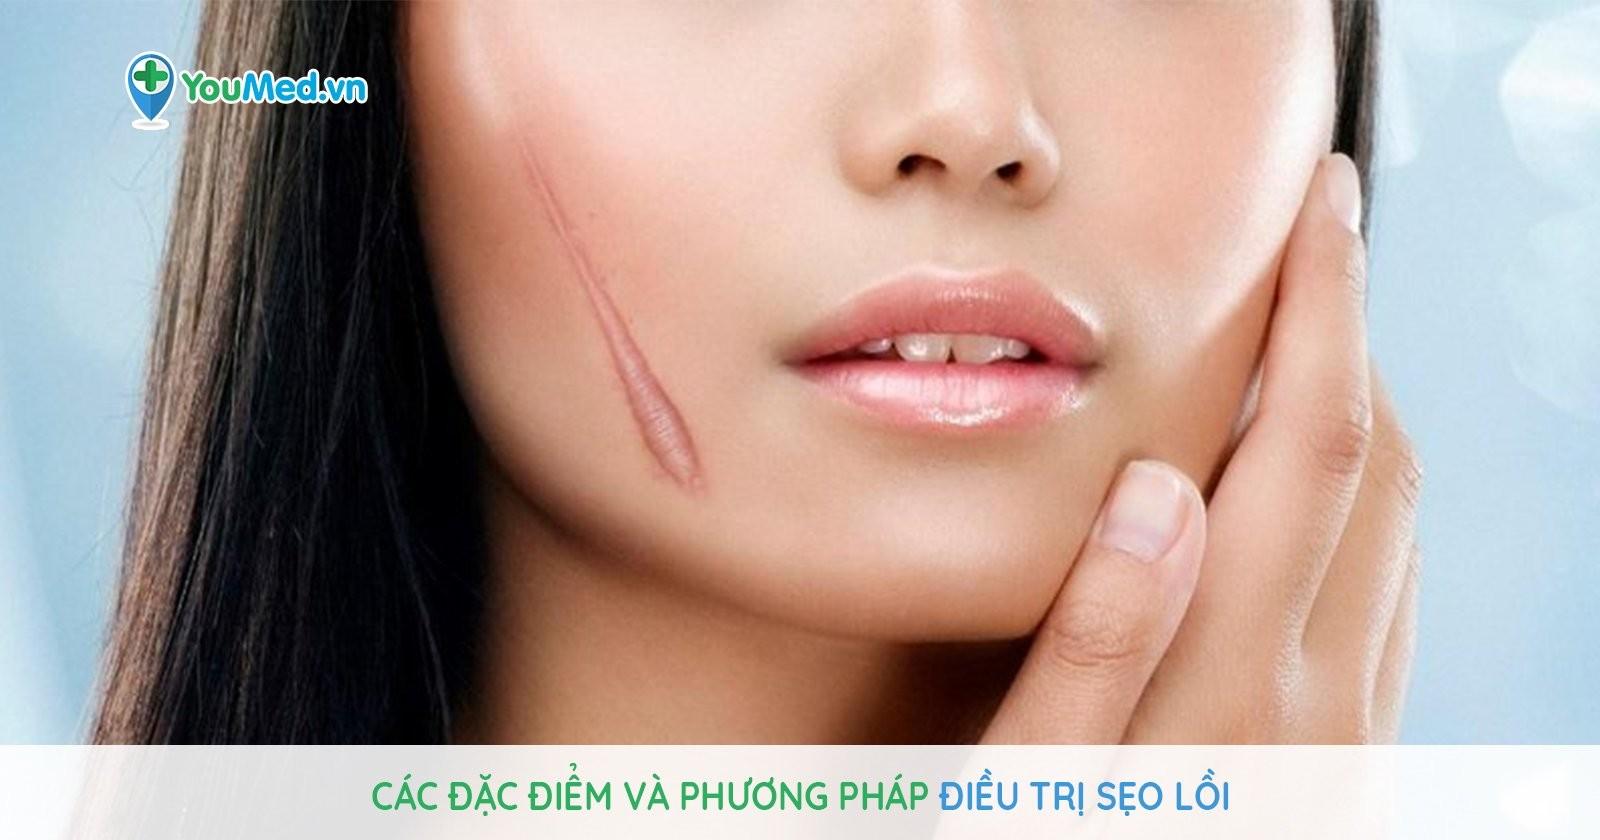 Các đặc điểm và phương pháp điều trị sẹo lồi